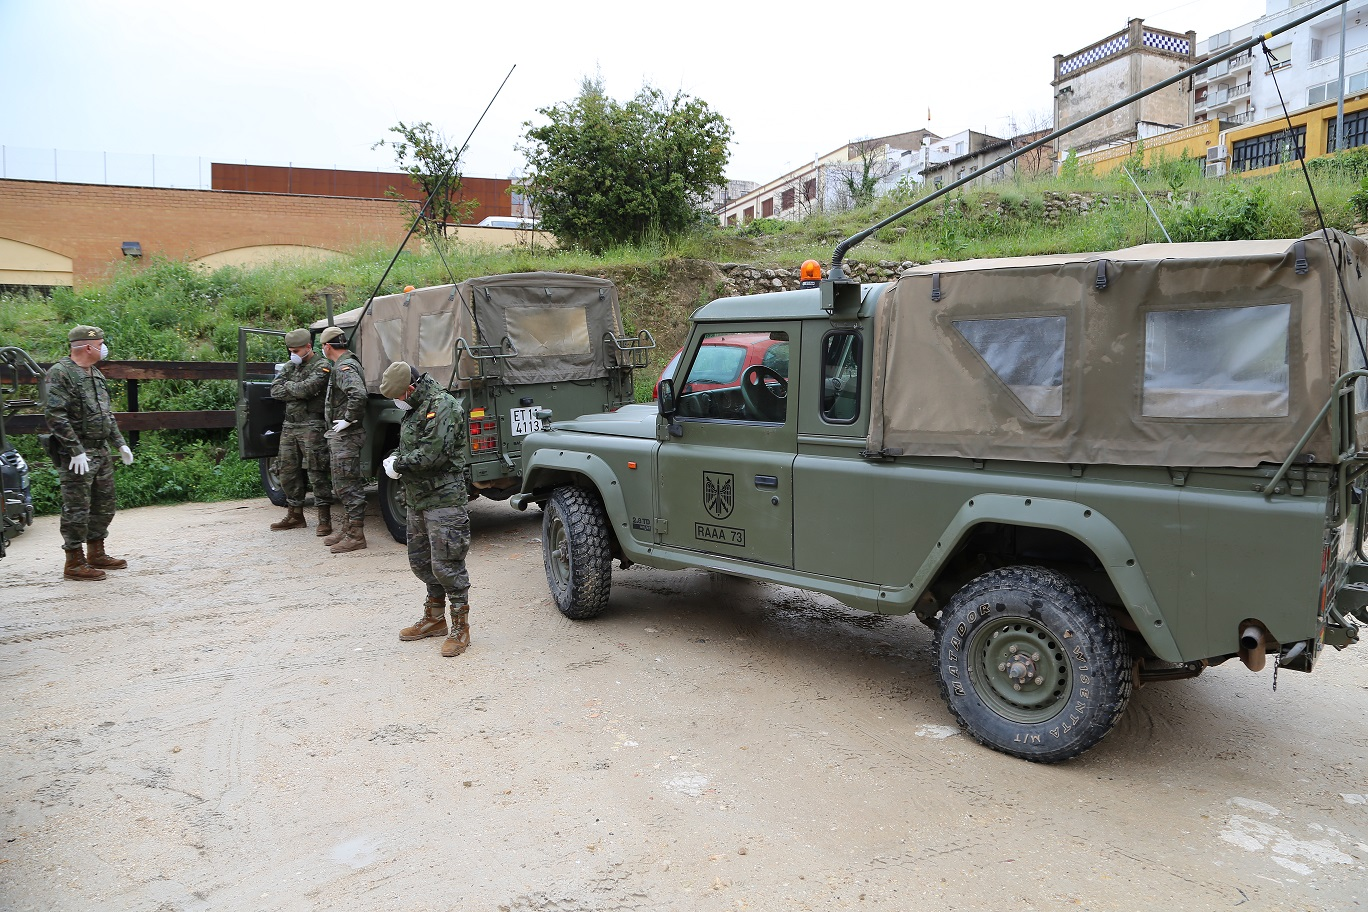 L'Exèrcit pren els carrers d'Ontinyent El Periòdic d'Ontinyent - Noticies a Ontinyent